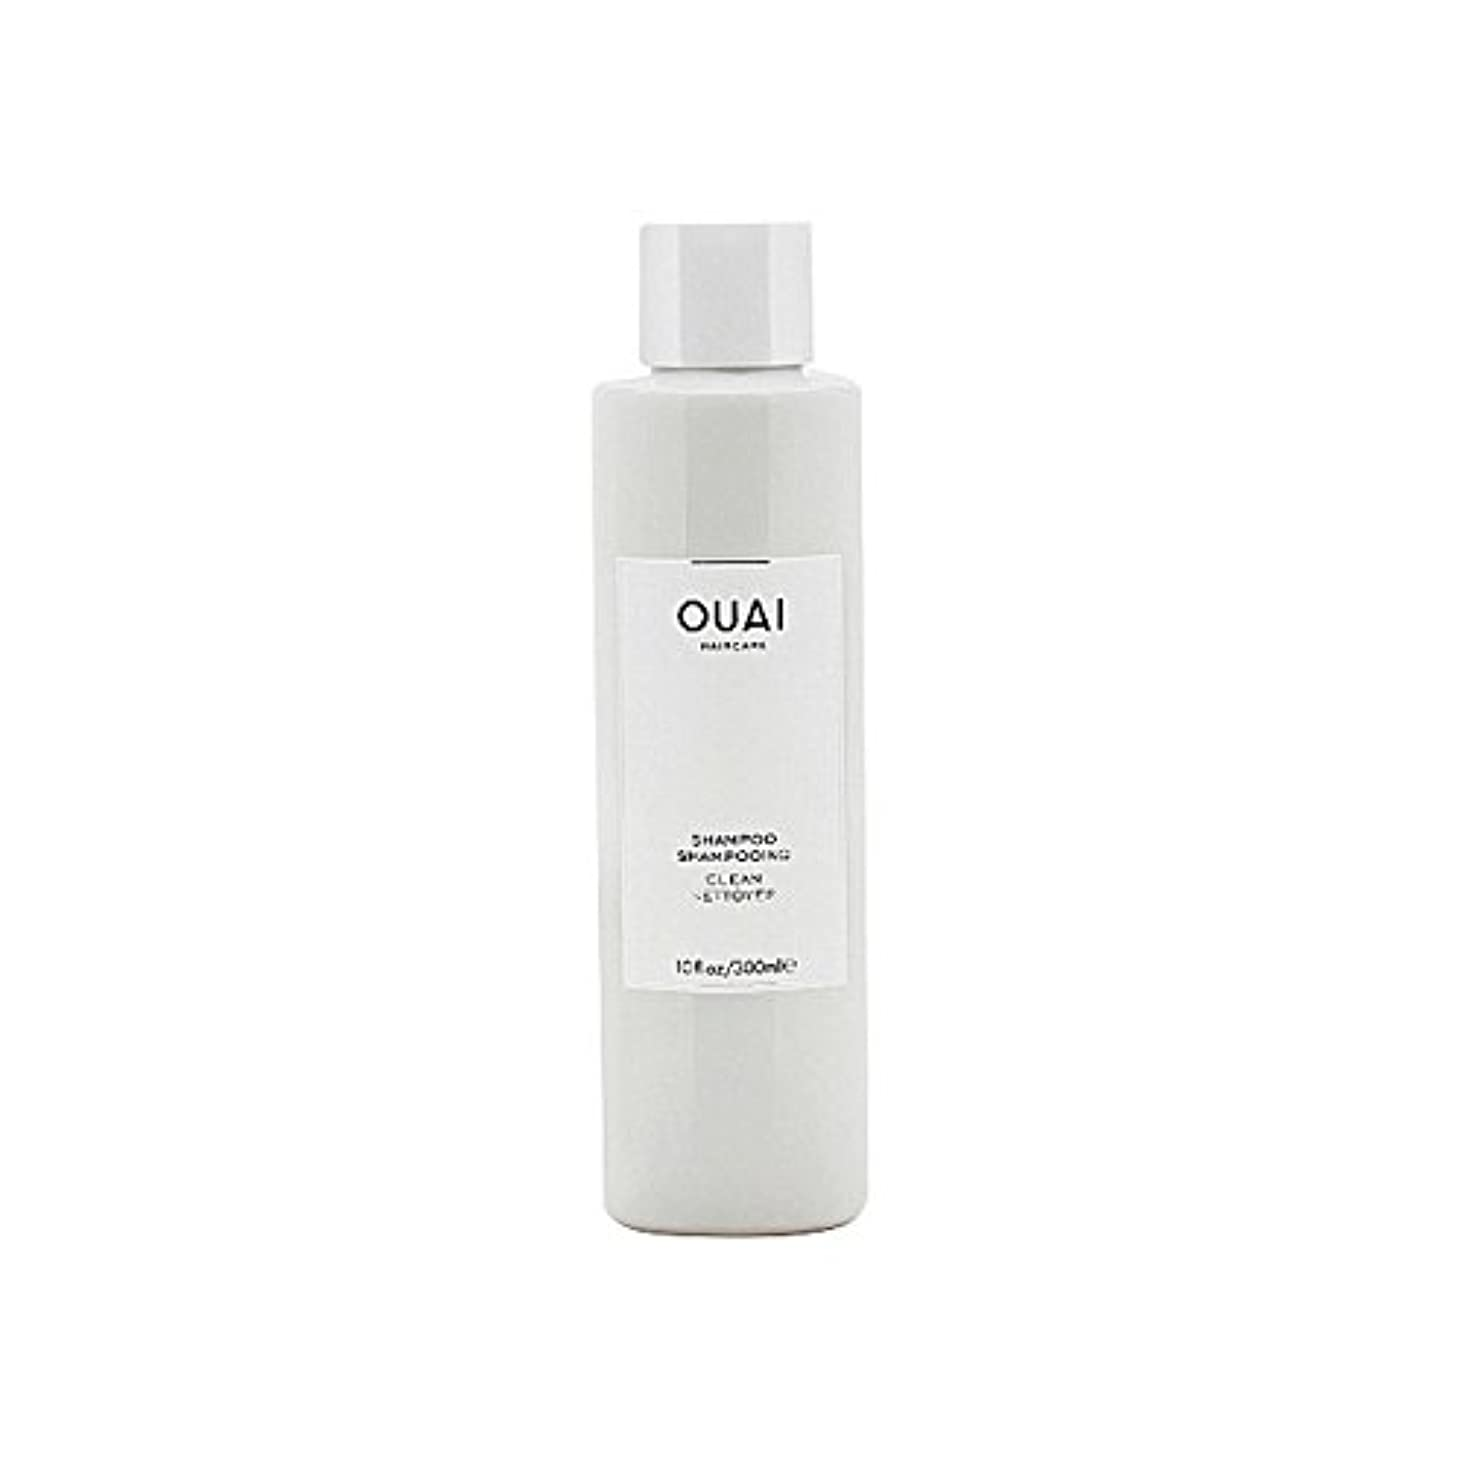 救出認識スポーツOuai Clean Shampoo 300ml - クリーンシャンプー300ミリリットル [並行輸入品]